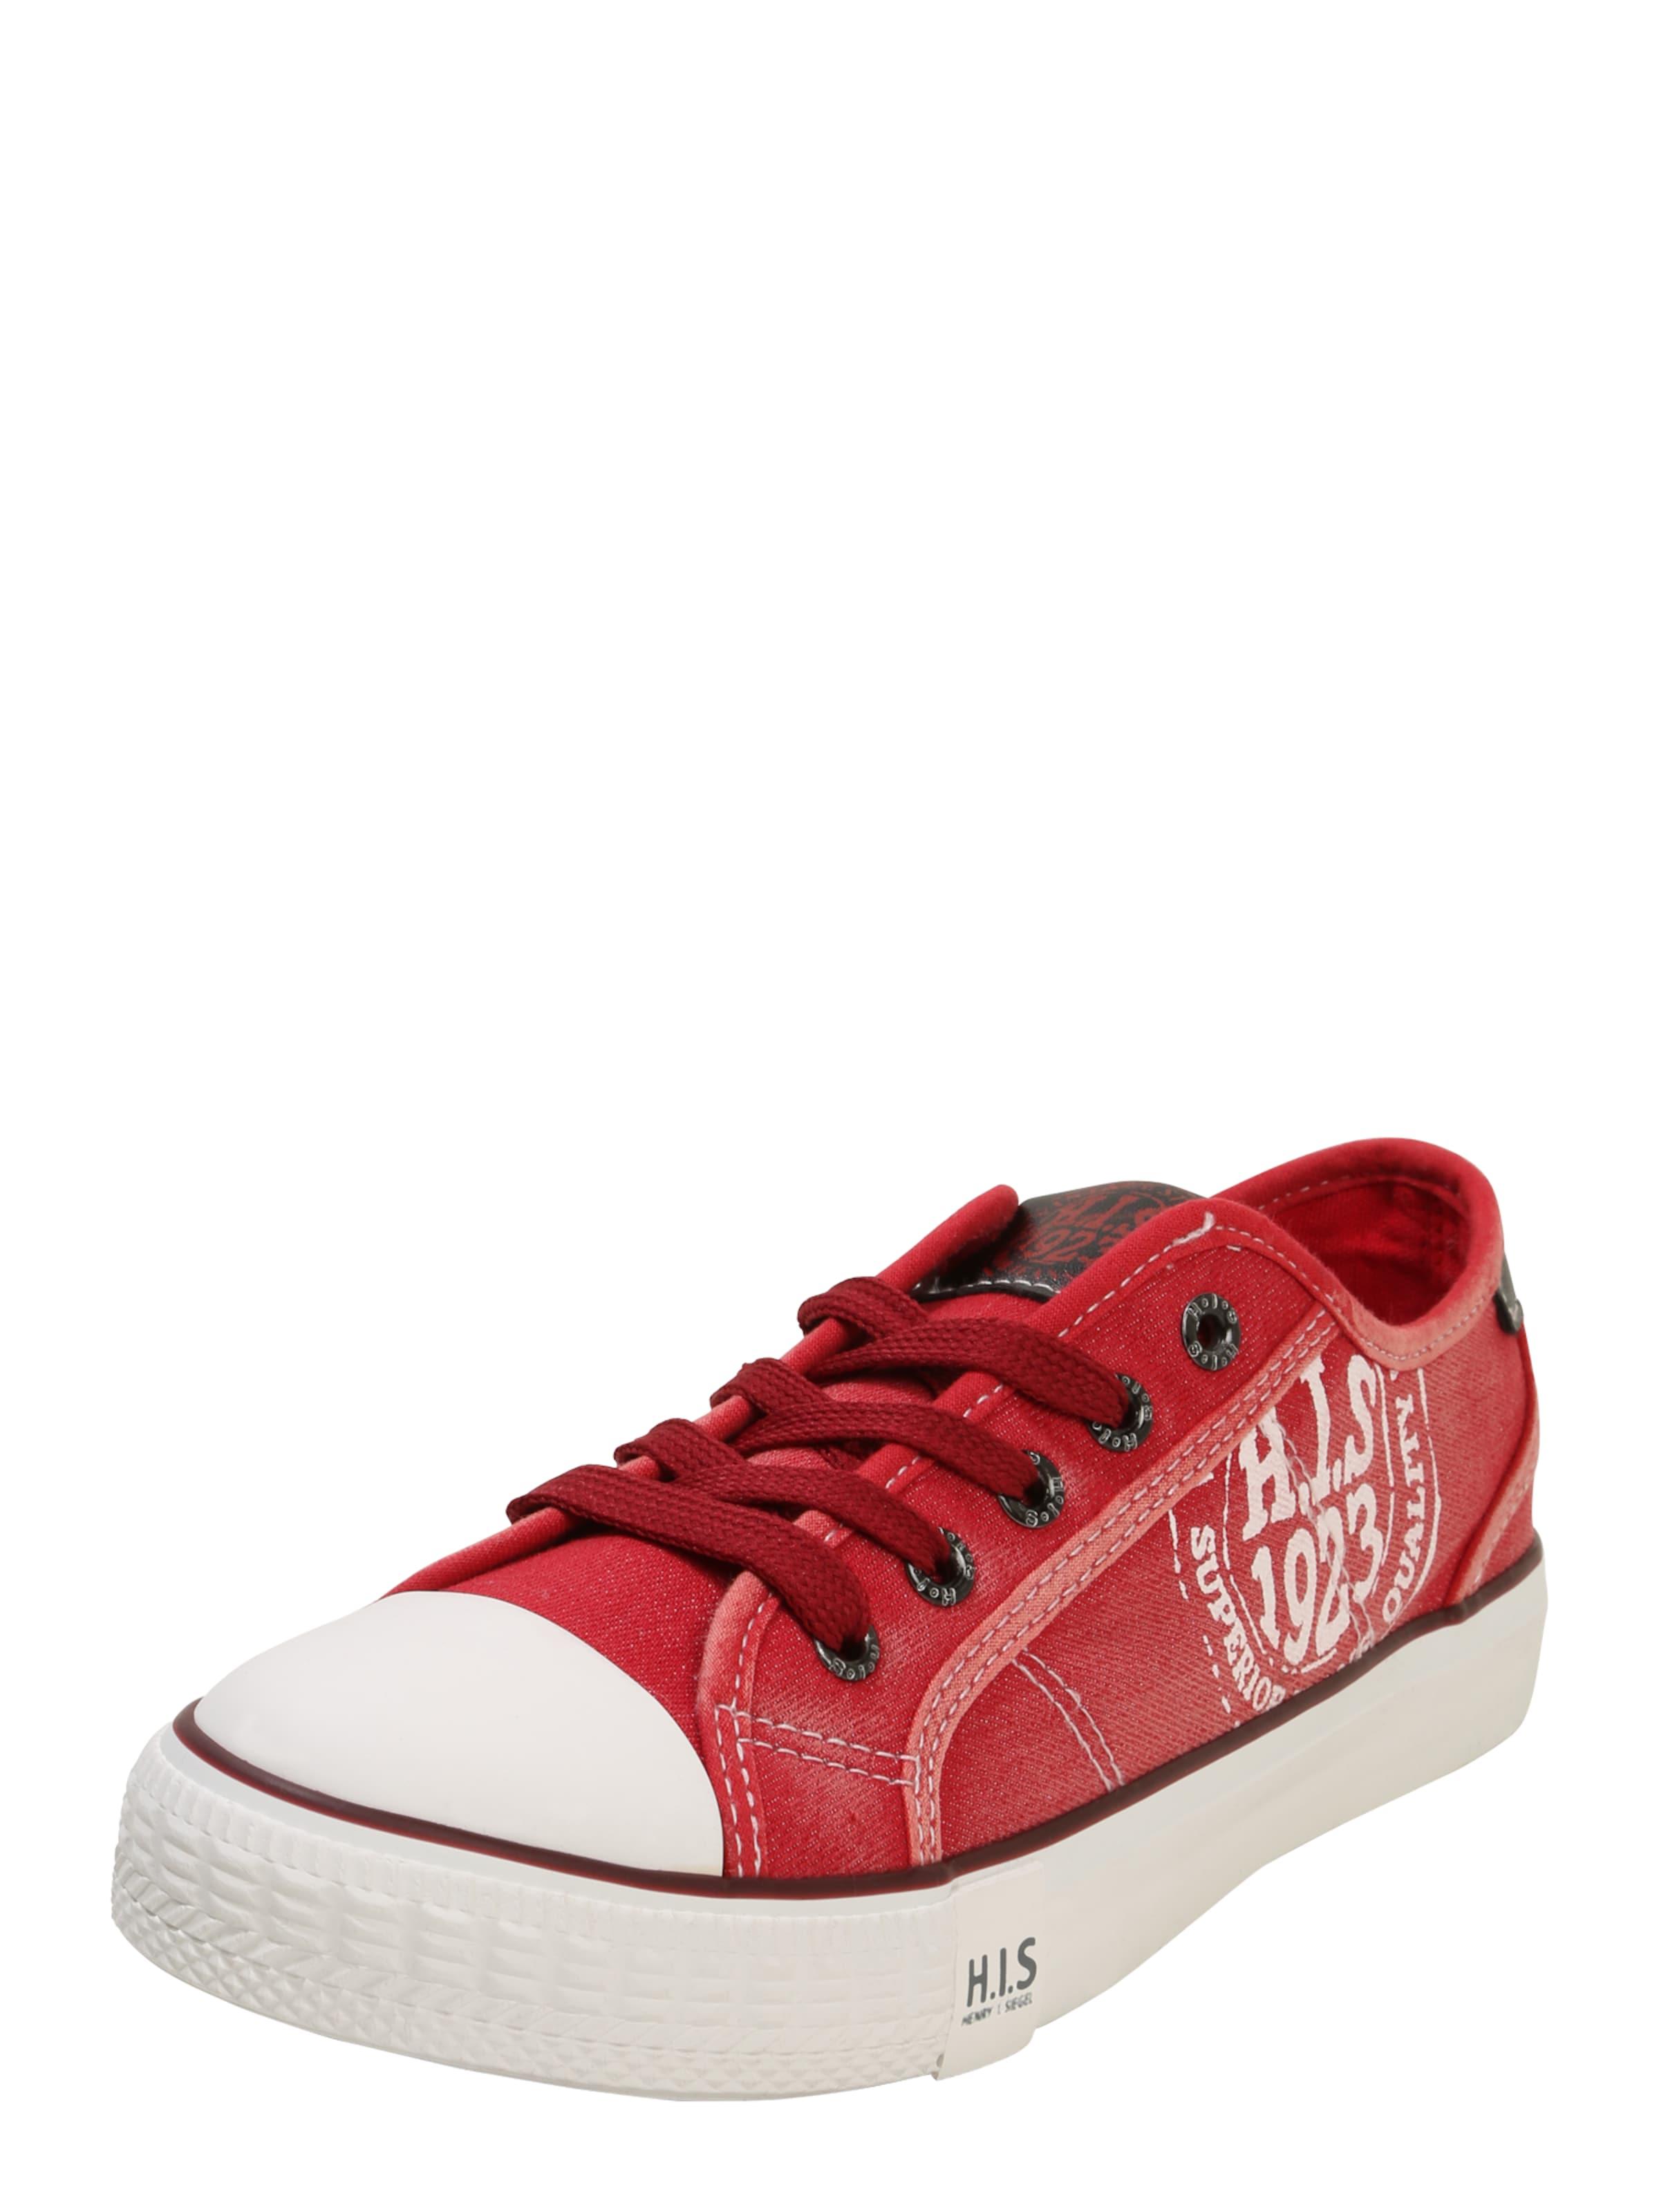 H.I.S Sneaker im Canvas-Look Günstige und langlebige Schuhe